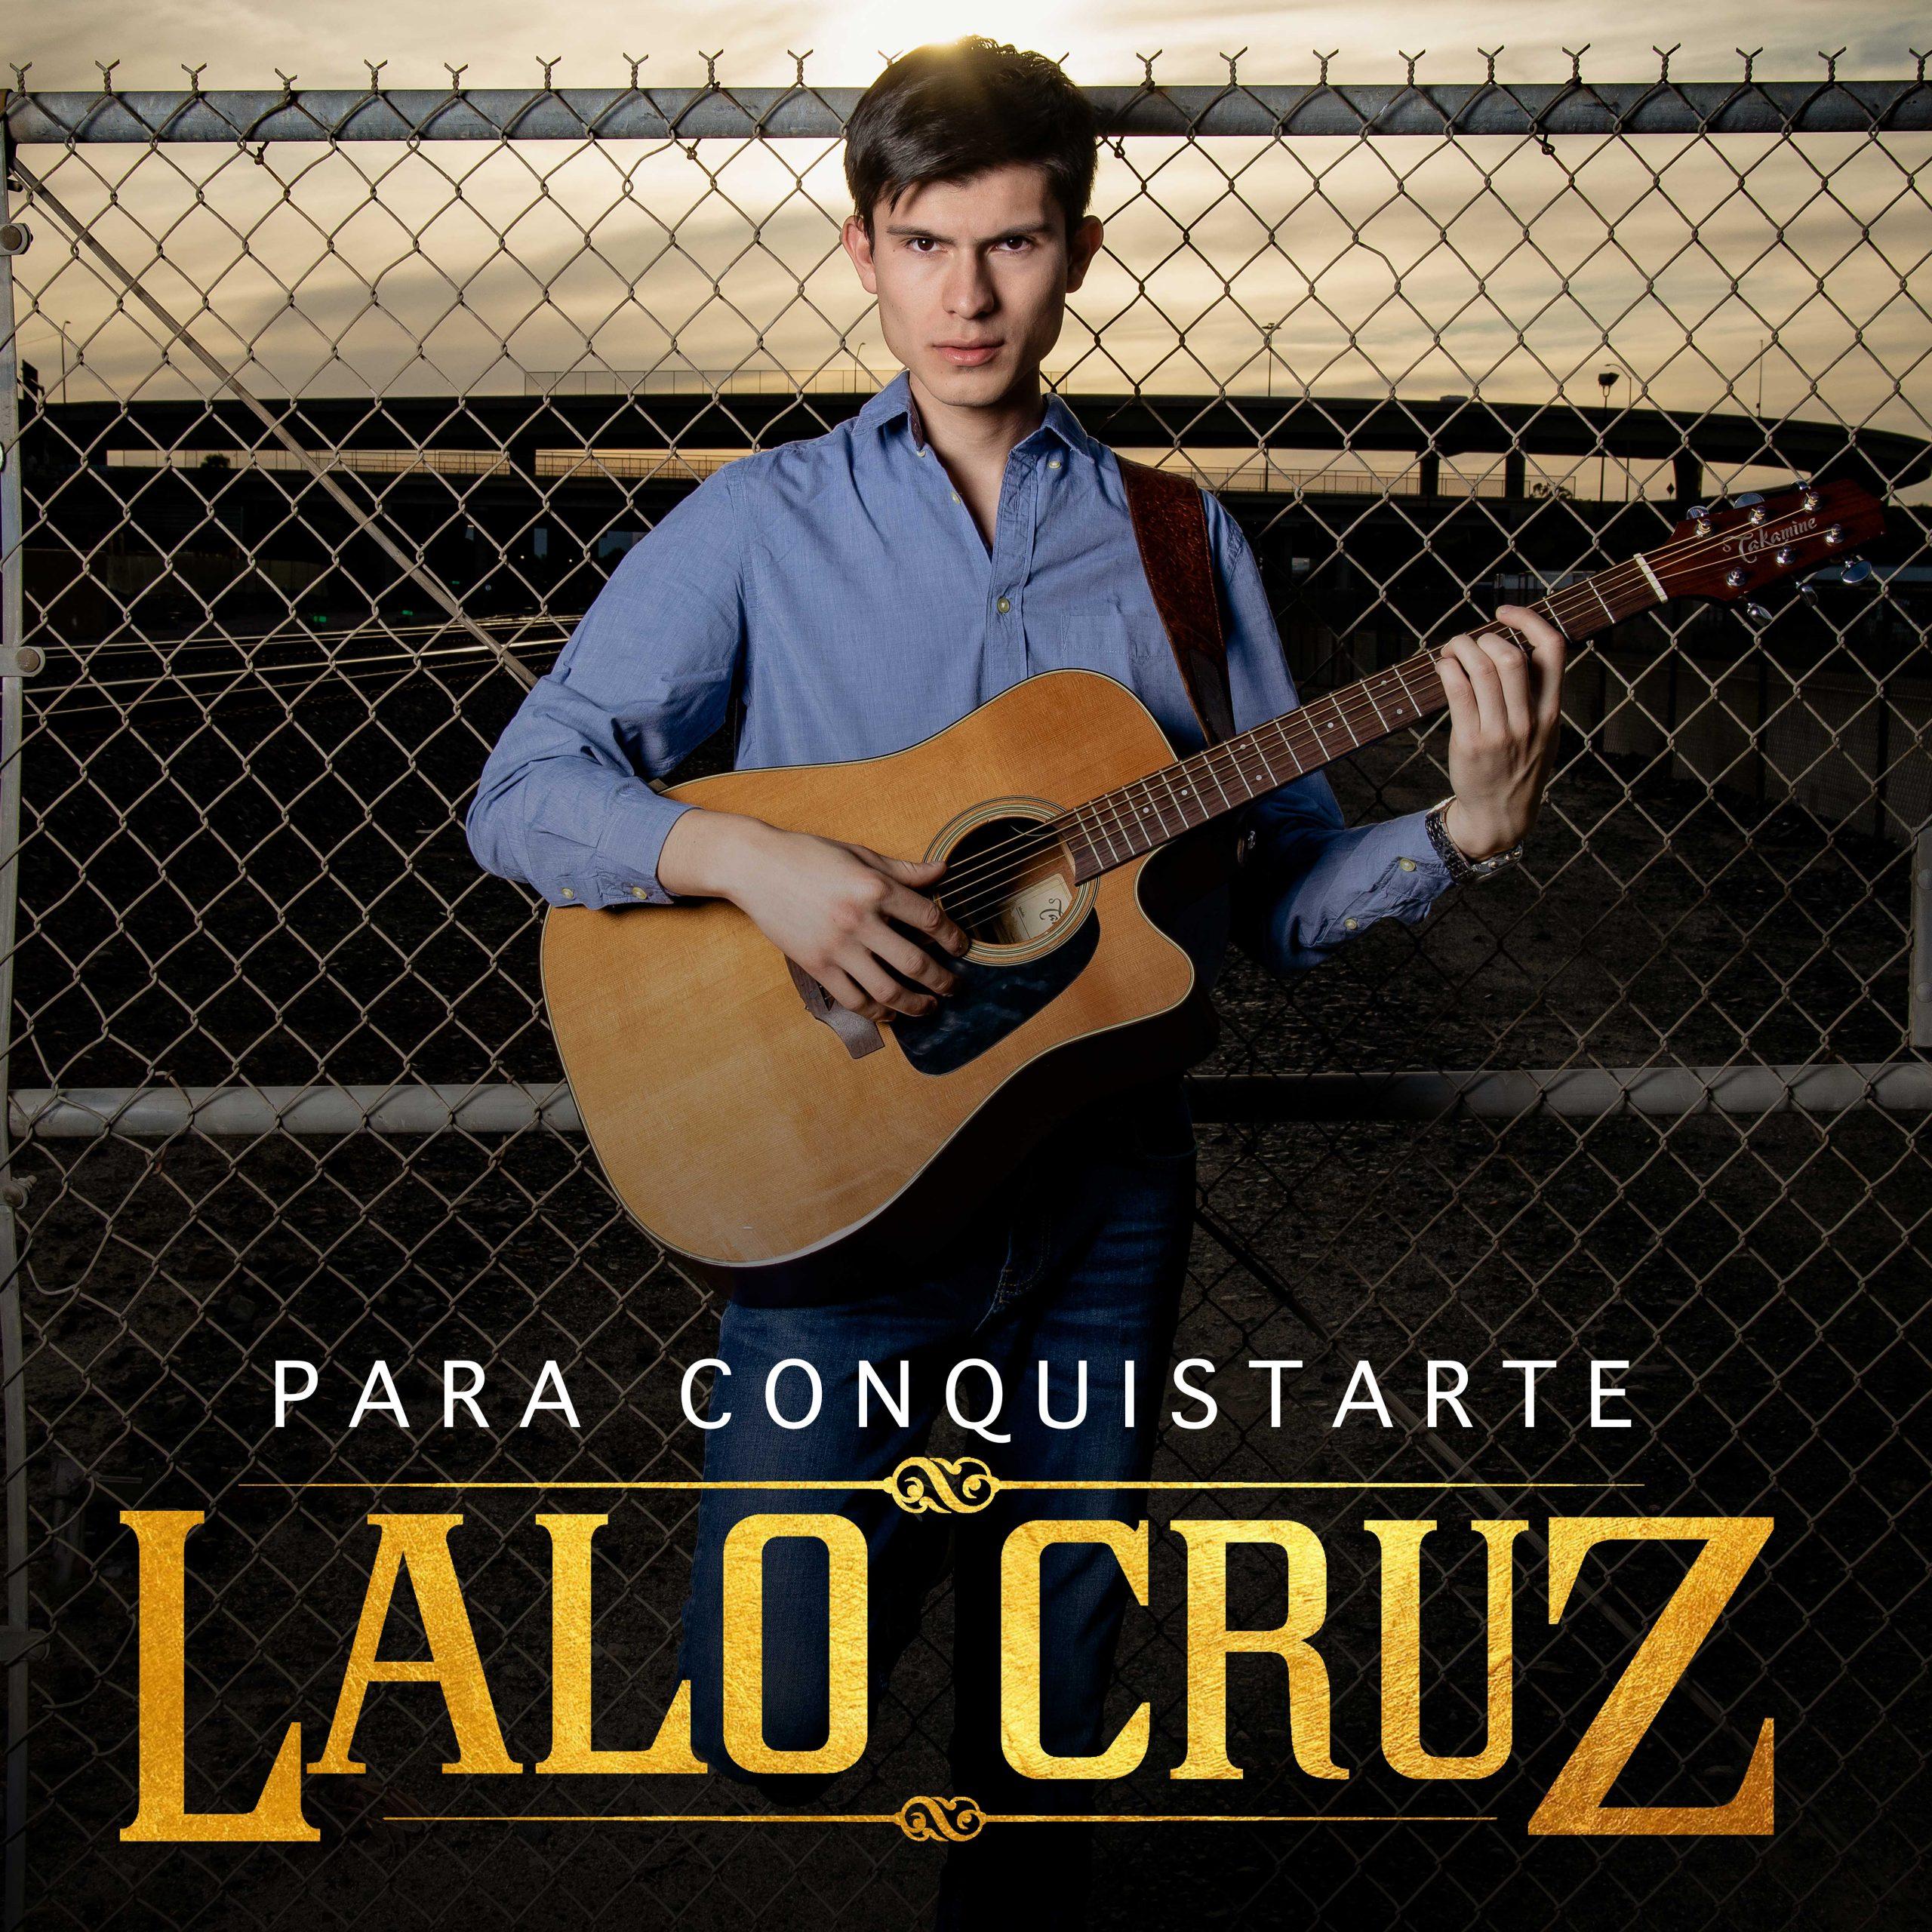 ParaConquistarte_LaloCruz